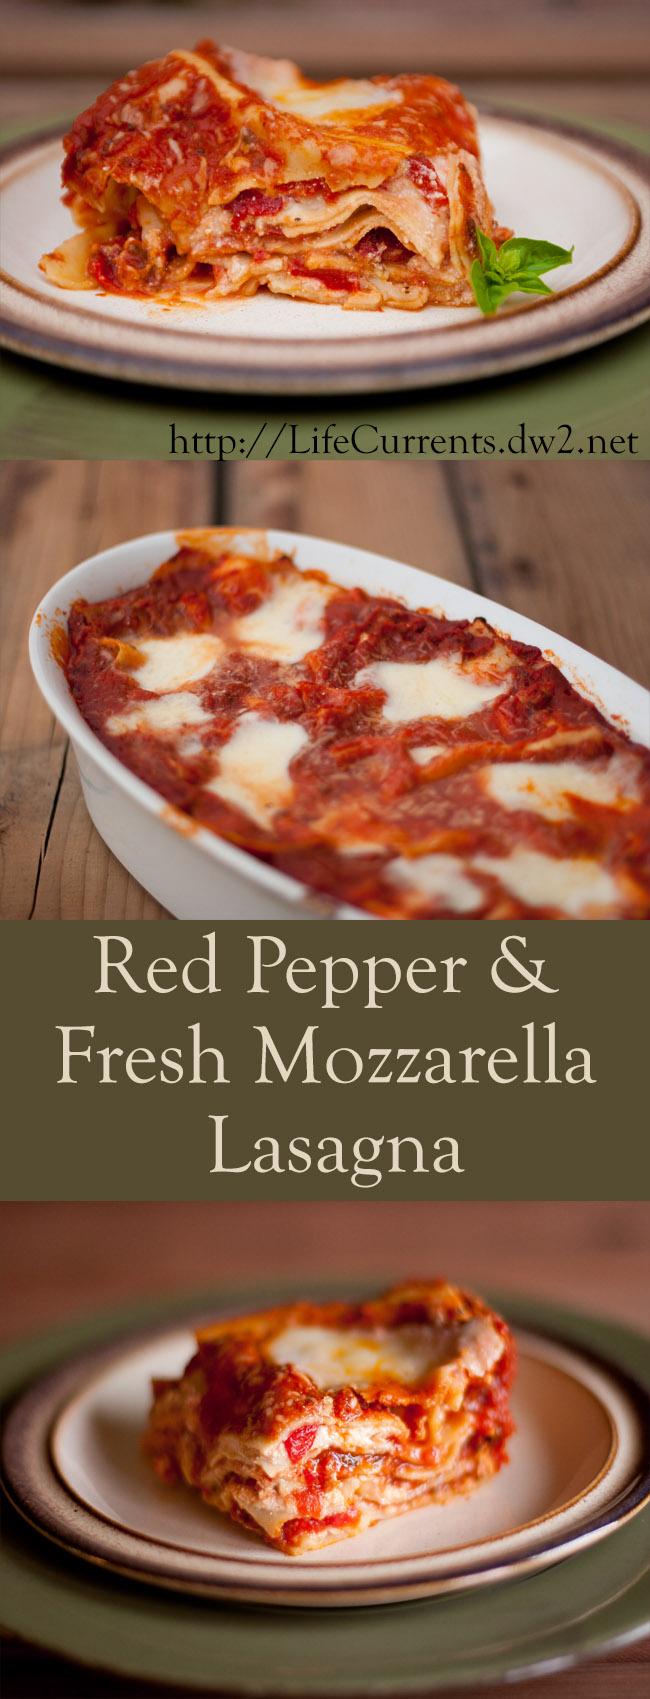 Red Pepper and Fresh Mozzarella Lasagna Recipe